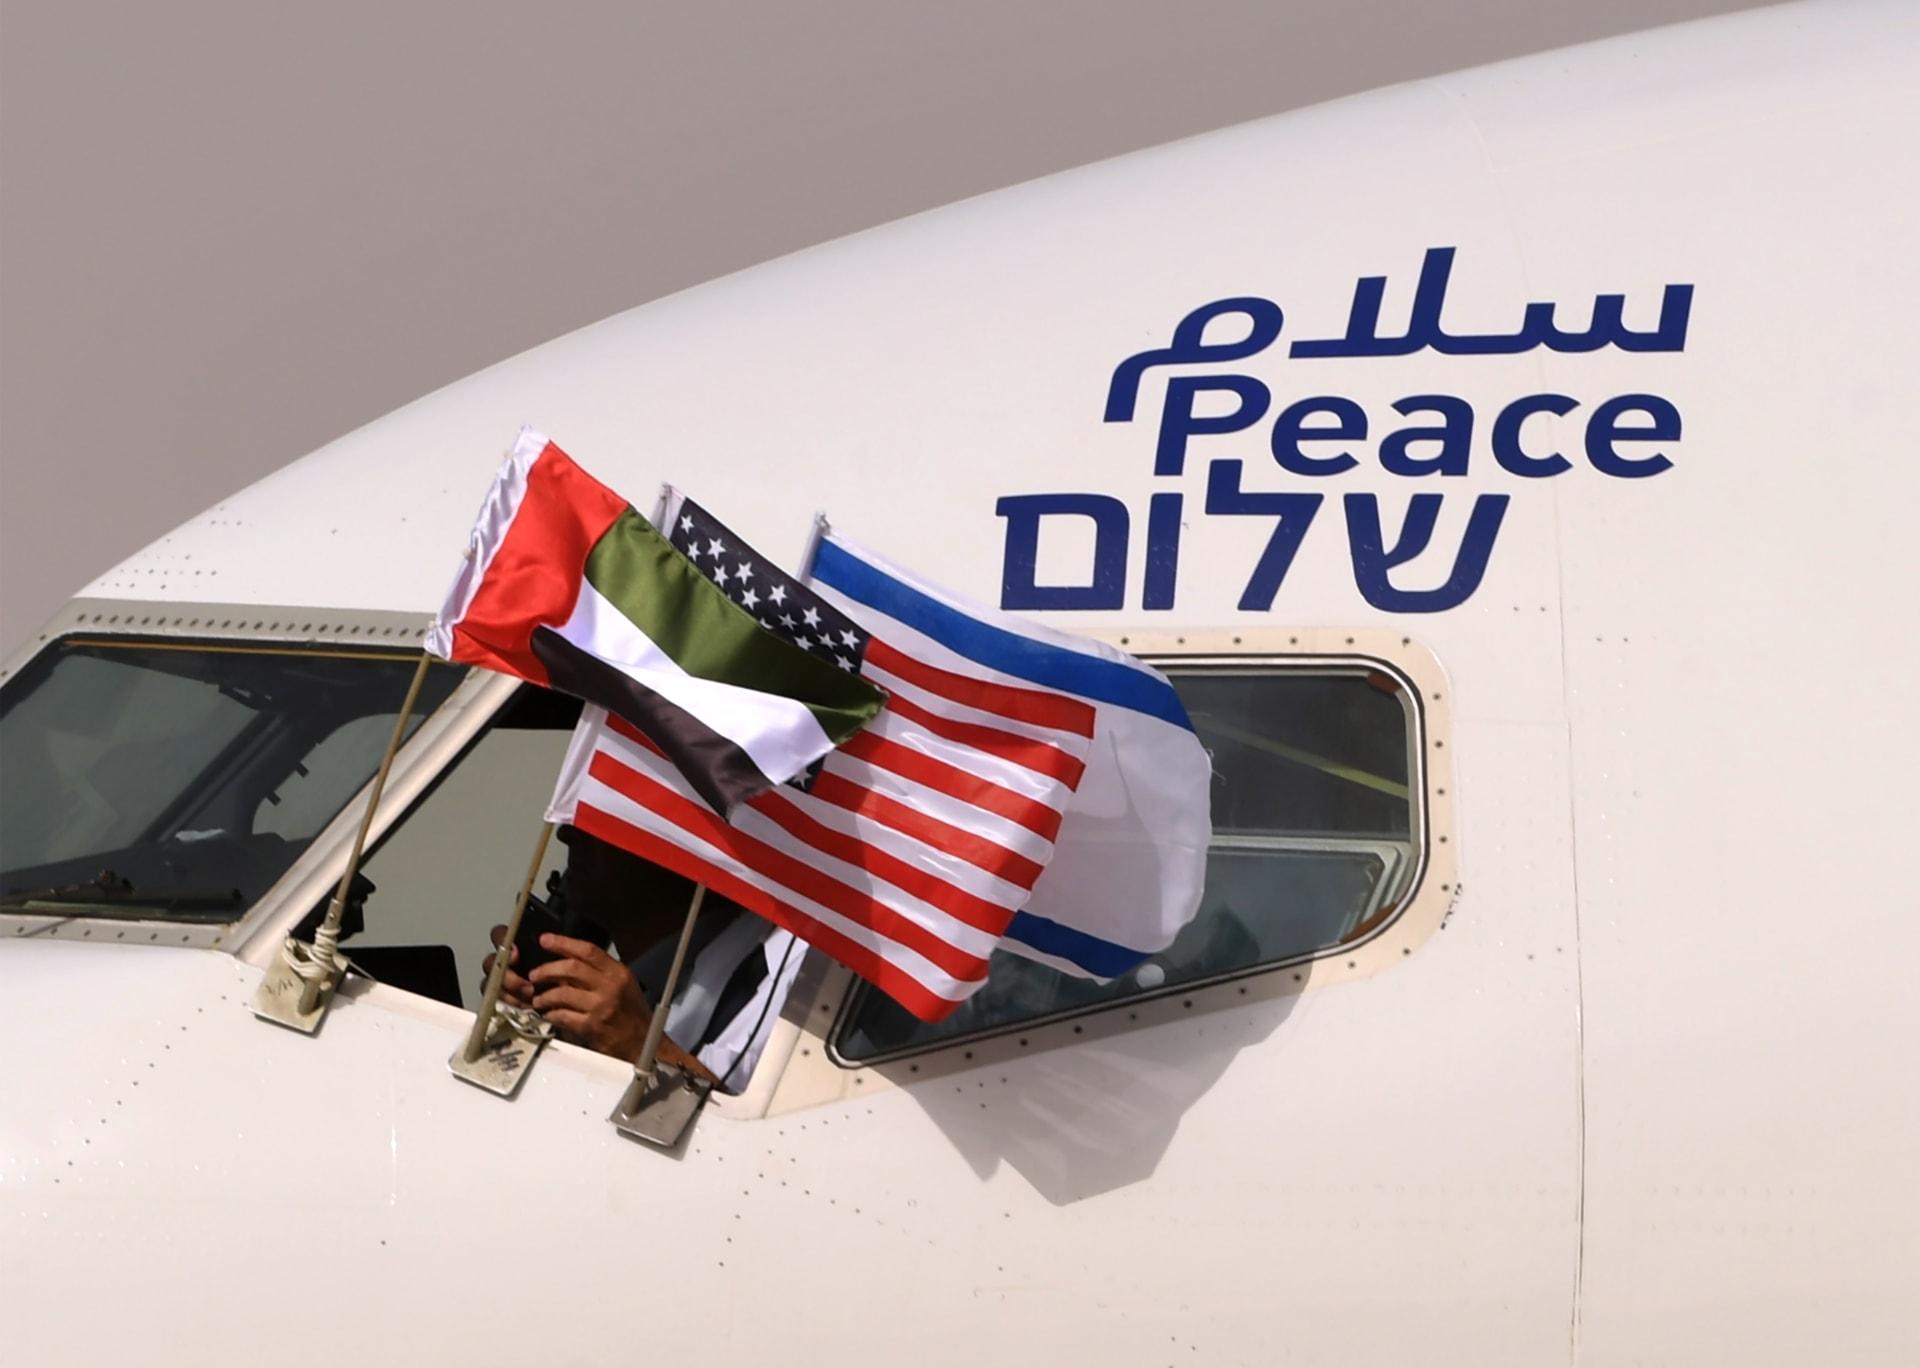 المتحدث باسم نتنياهو: العلم الإسرائيلي يرفرف فوق مقر حفل توقيع معاهدة السلام مع الإمارات والبحرين